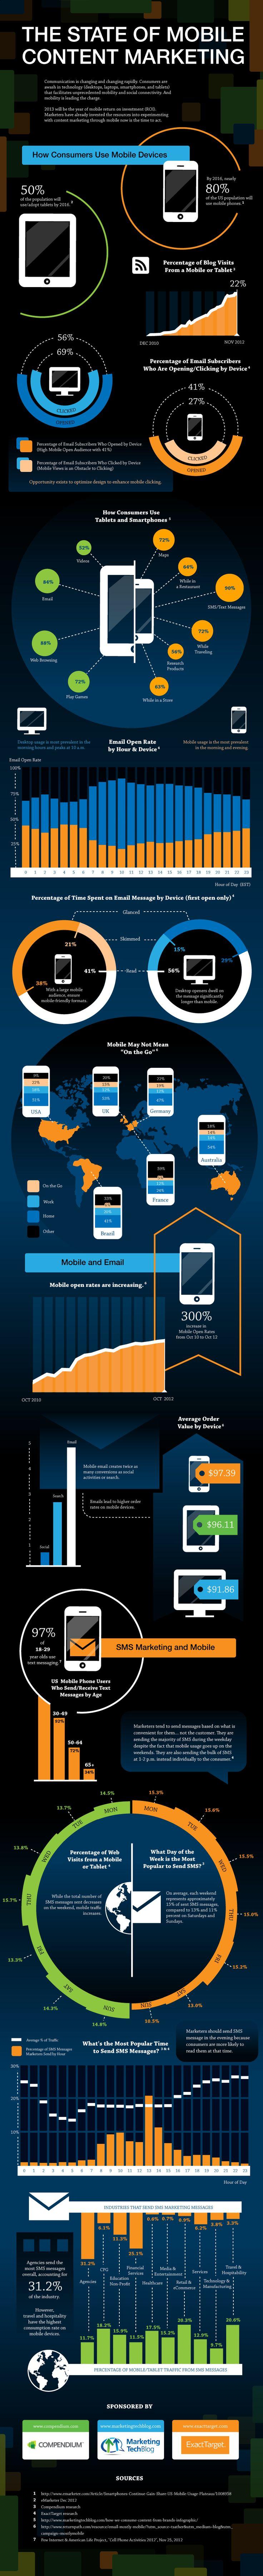 De opkomst van mobiele marketing [infographic] | C-Works!